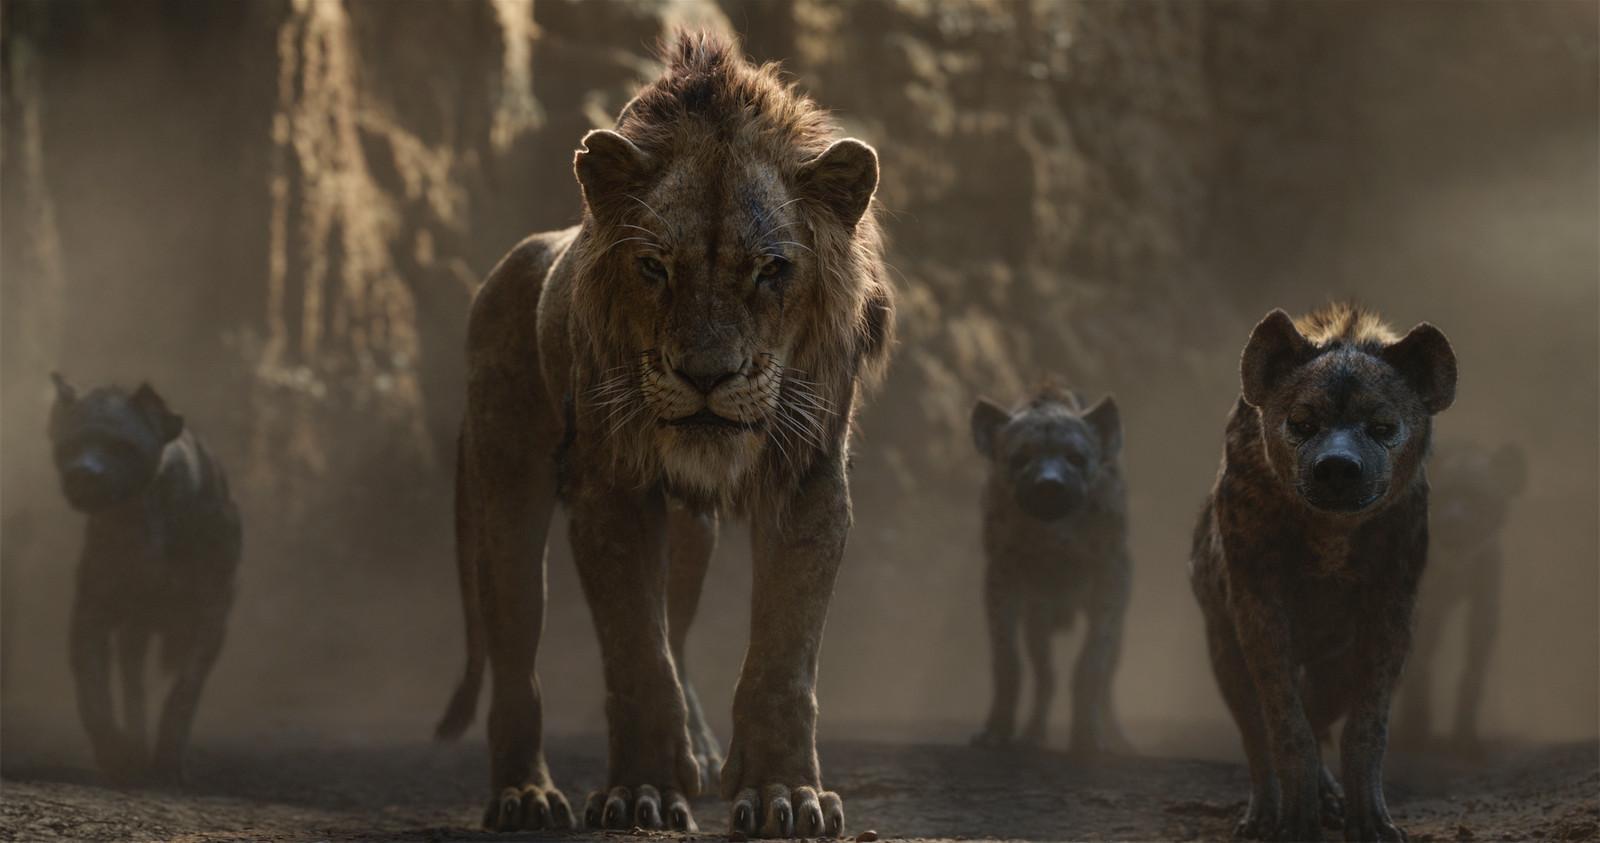 Scène uit de Lion King.